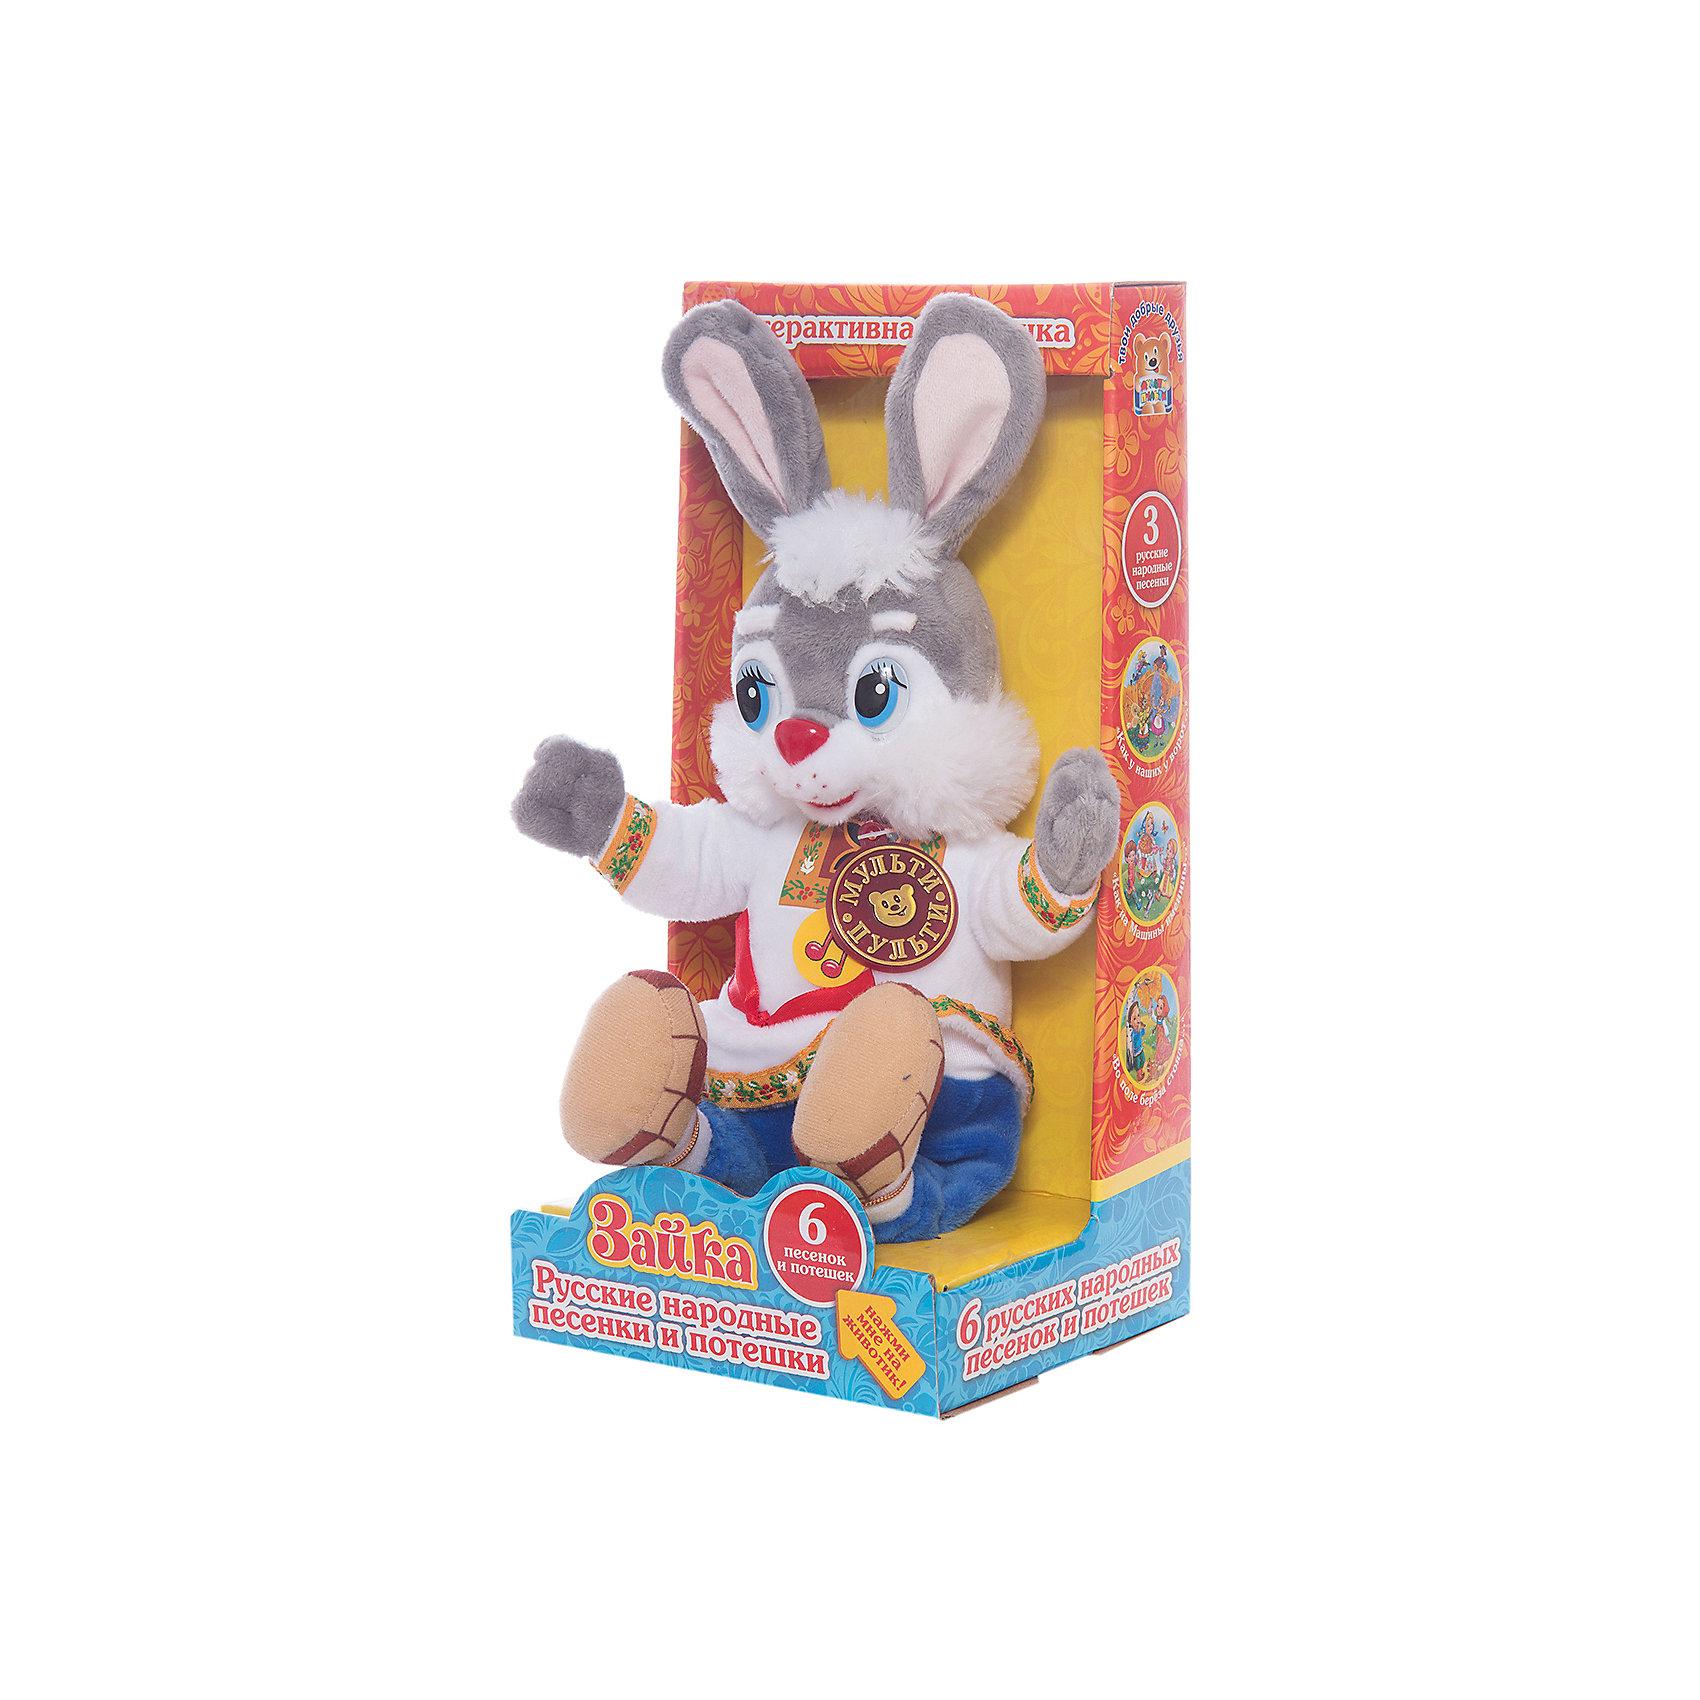 Мягкая игрушка Заяц, со звуком, МУЛЬТИ-ПУЛЬТИЗайцы и кролики<br>Очаровательный мягкий зайка из всеми любимого мультфильма Ну погоди обязательно понравится малышам! Он знает много веселых песенок и готов порадовать ими кроху. Игрушка выполнена из высококачественных гипоаллергенны материалов, очень приятна наощупь, похожа на героя мультфильма. <br><br>Дополнительная информация:<br><br>- Материал: полиэстер, пластик, искусственный мех.<br>- Размер: 13 x 15 х 30 см.<br>- 6 песен.<br>- Элемент питания: батарейки (в комплекте).<br><br>Мягкую игрушку Заяц, Мульти-пульти, можно купить в нашем магазине.<br><br>Ширина мм: 650<br>Глубина мм: 430<br>Высота мм: 320<br>Вес г: 250<br>Возраст от месяцев: 36<br>Возраст до месяцев: 84<br>Пол: Унисекс<br>Возраст: Детский<br>SKU: 4408250